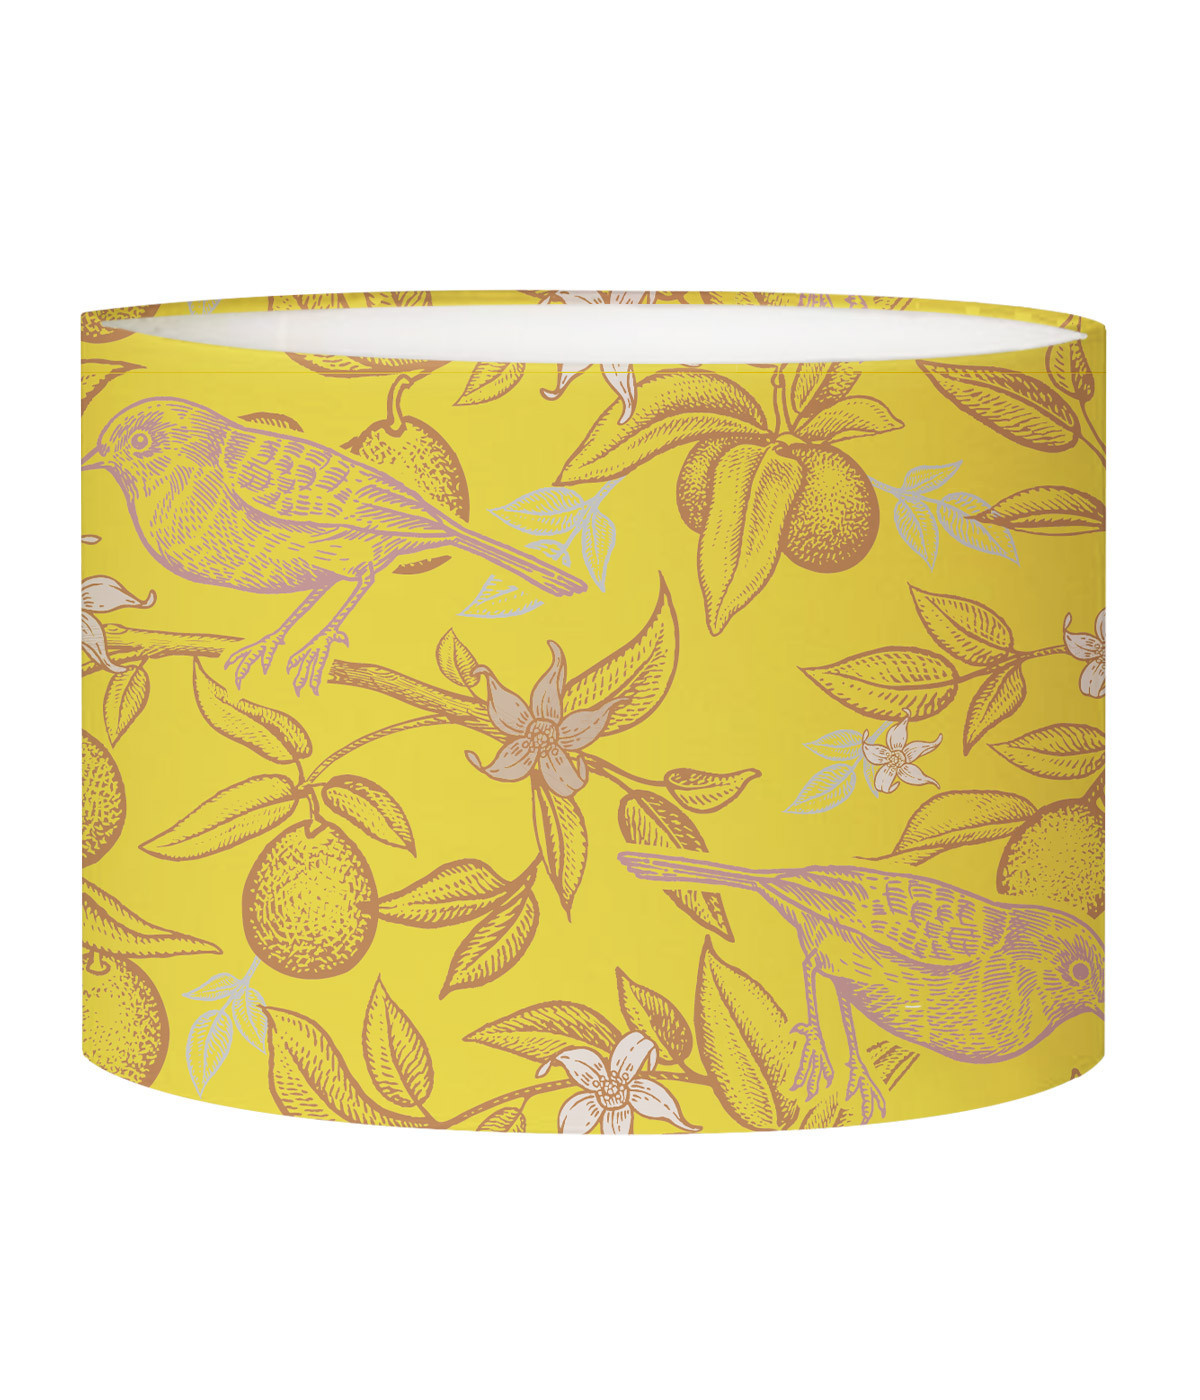 Abat-jour lampadaire jaune acidulé d 45 cm